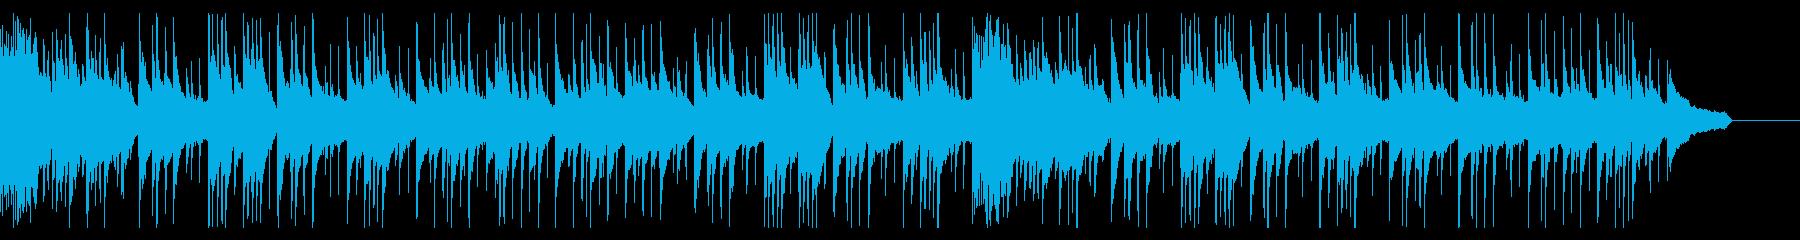 料亭をイメージした和風曲の再生済みの波形